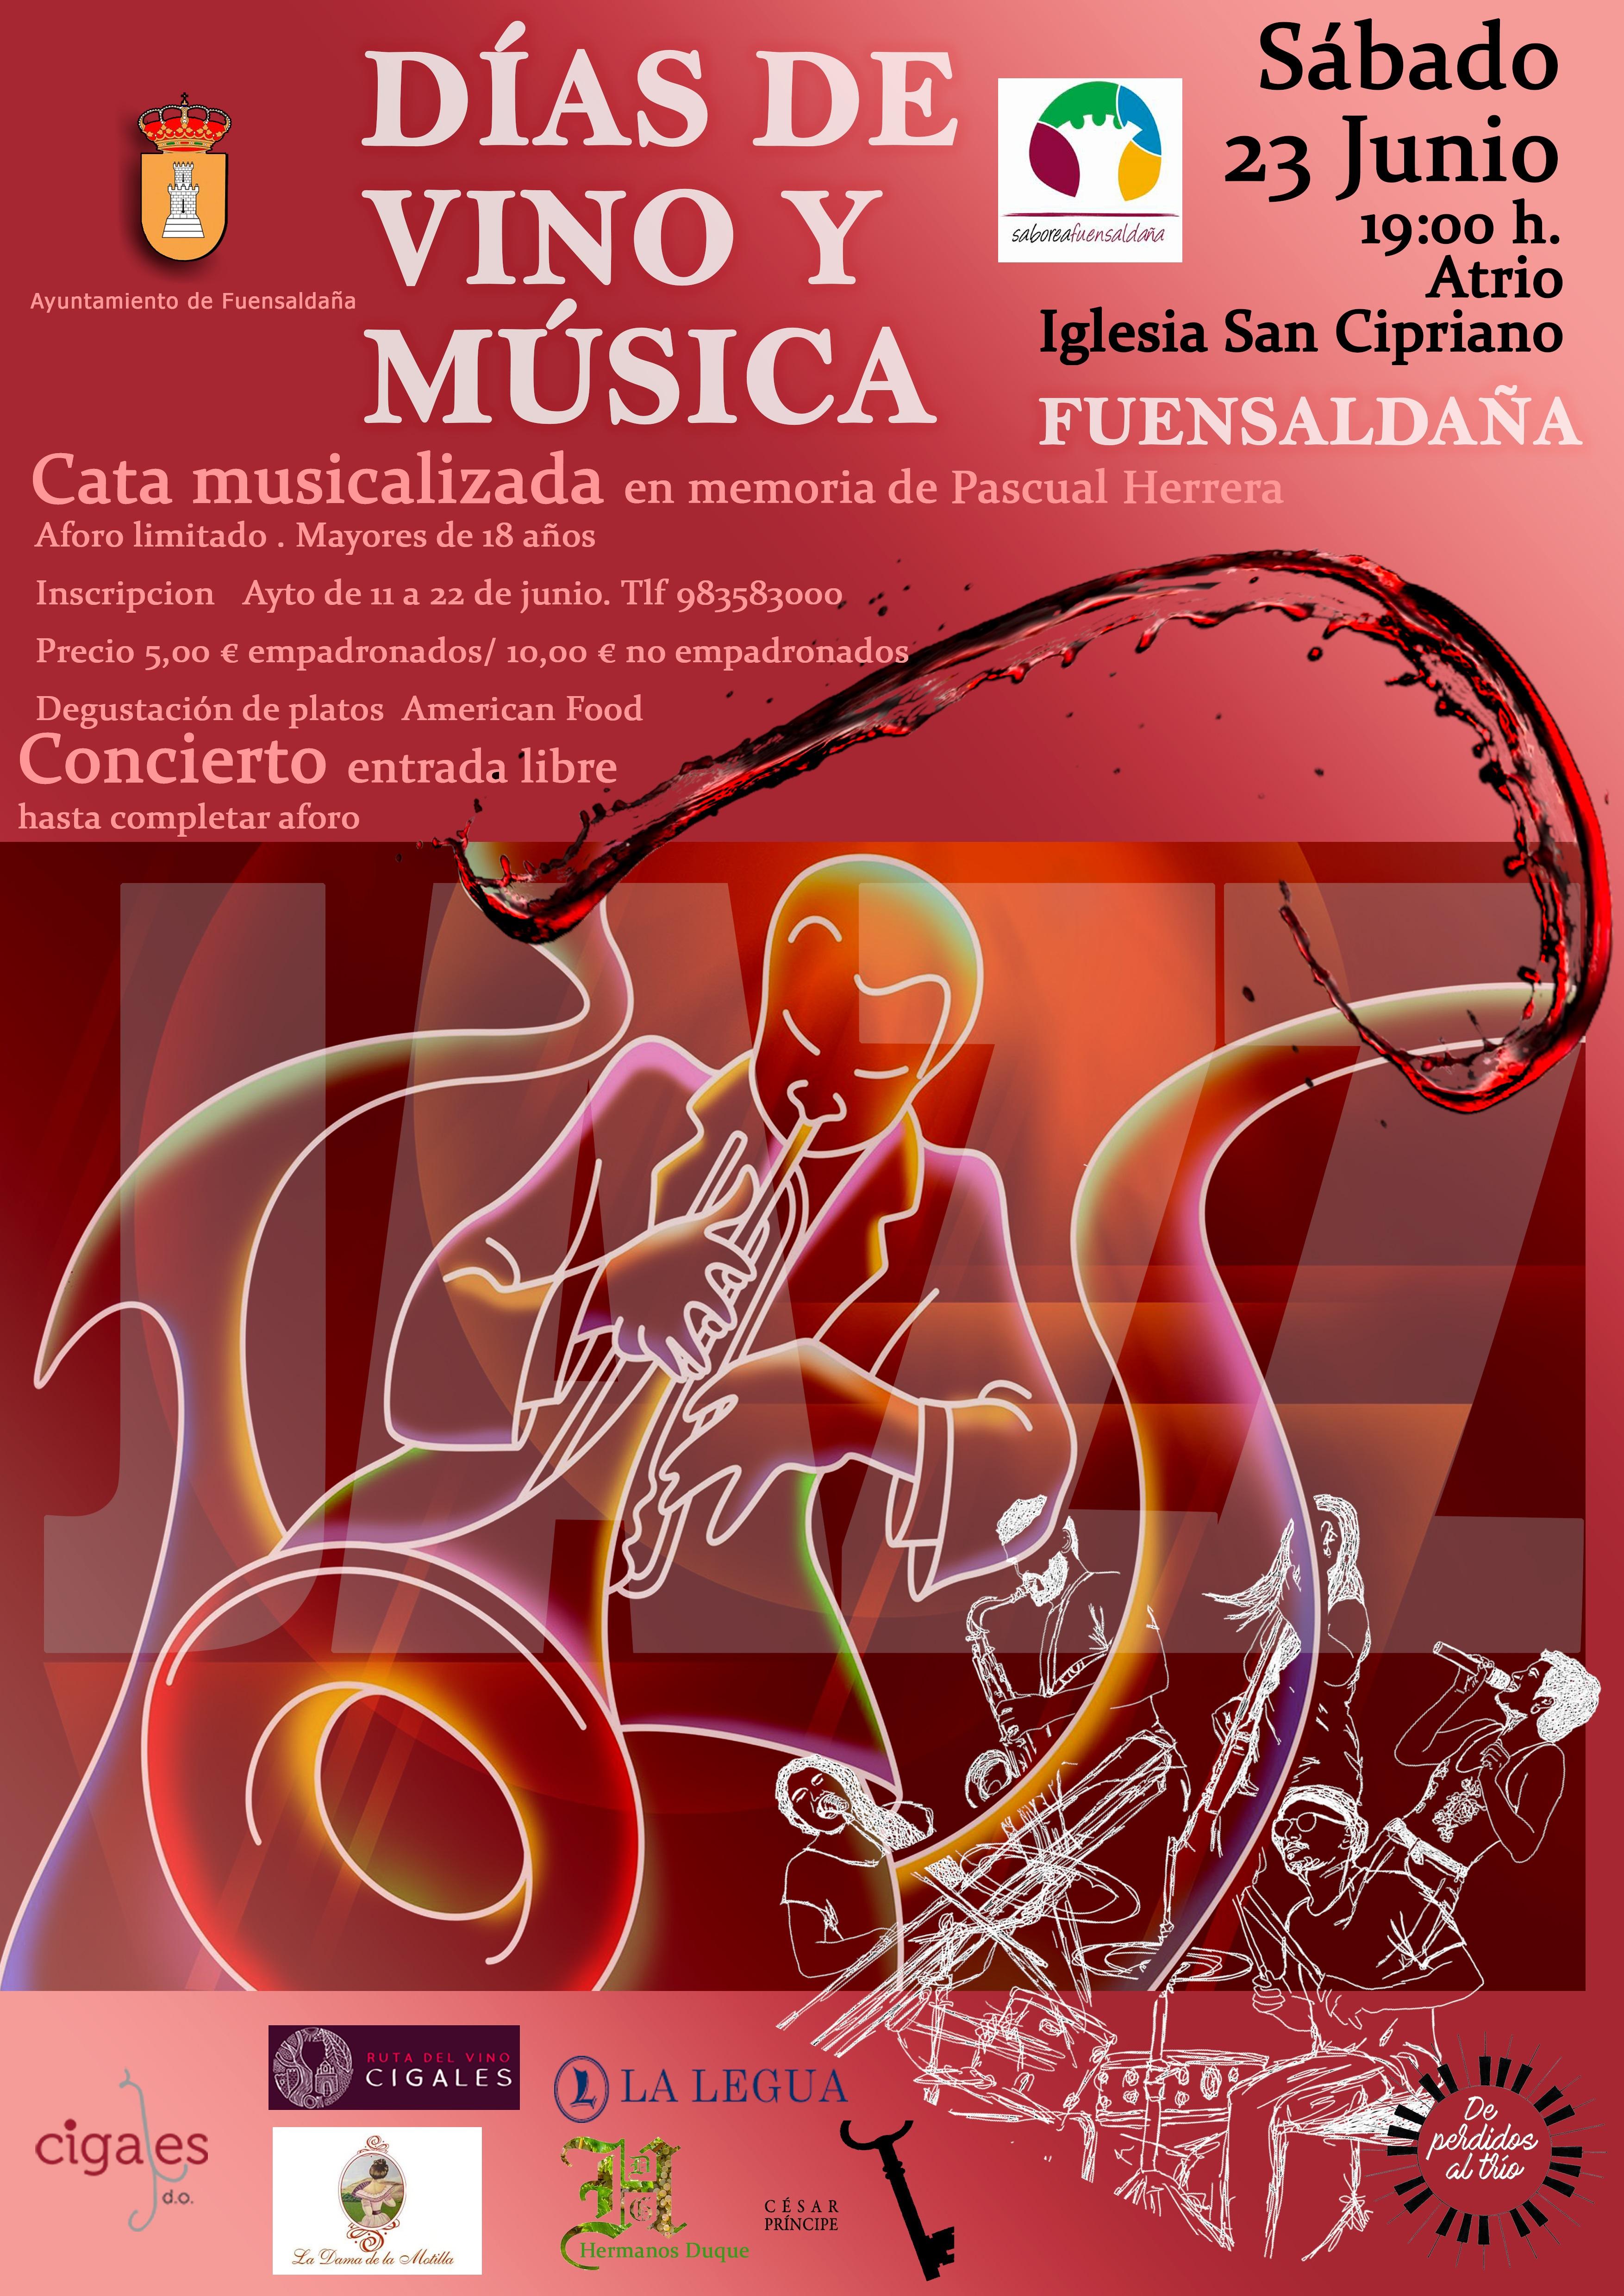 Fuensaldaña vuelve a rendir homenaje al vino y la música en la noche de San Juan